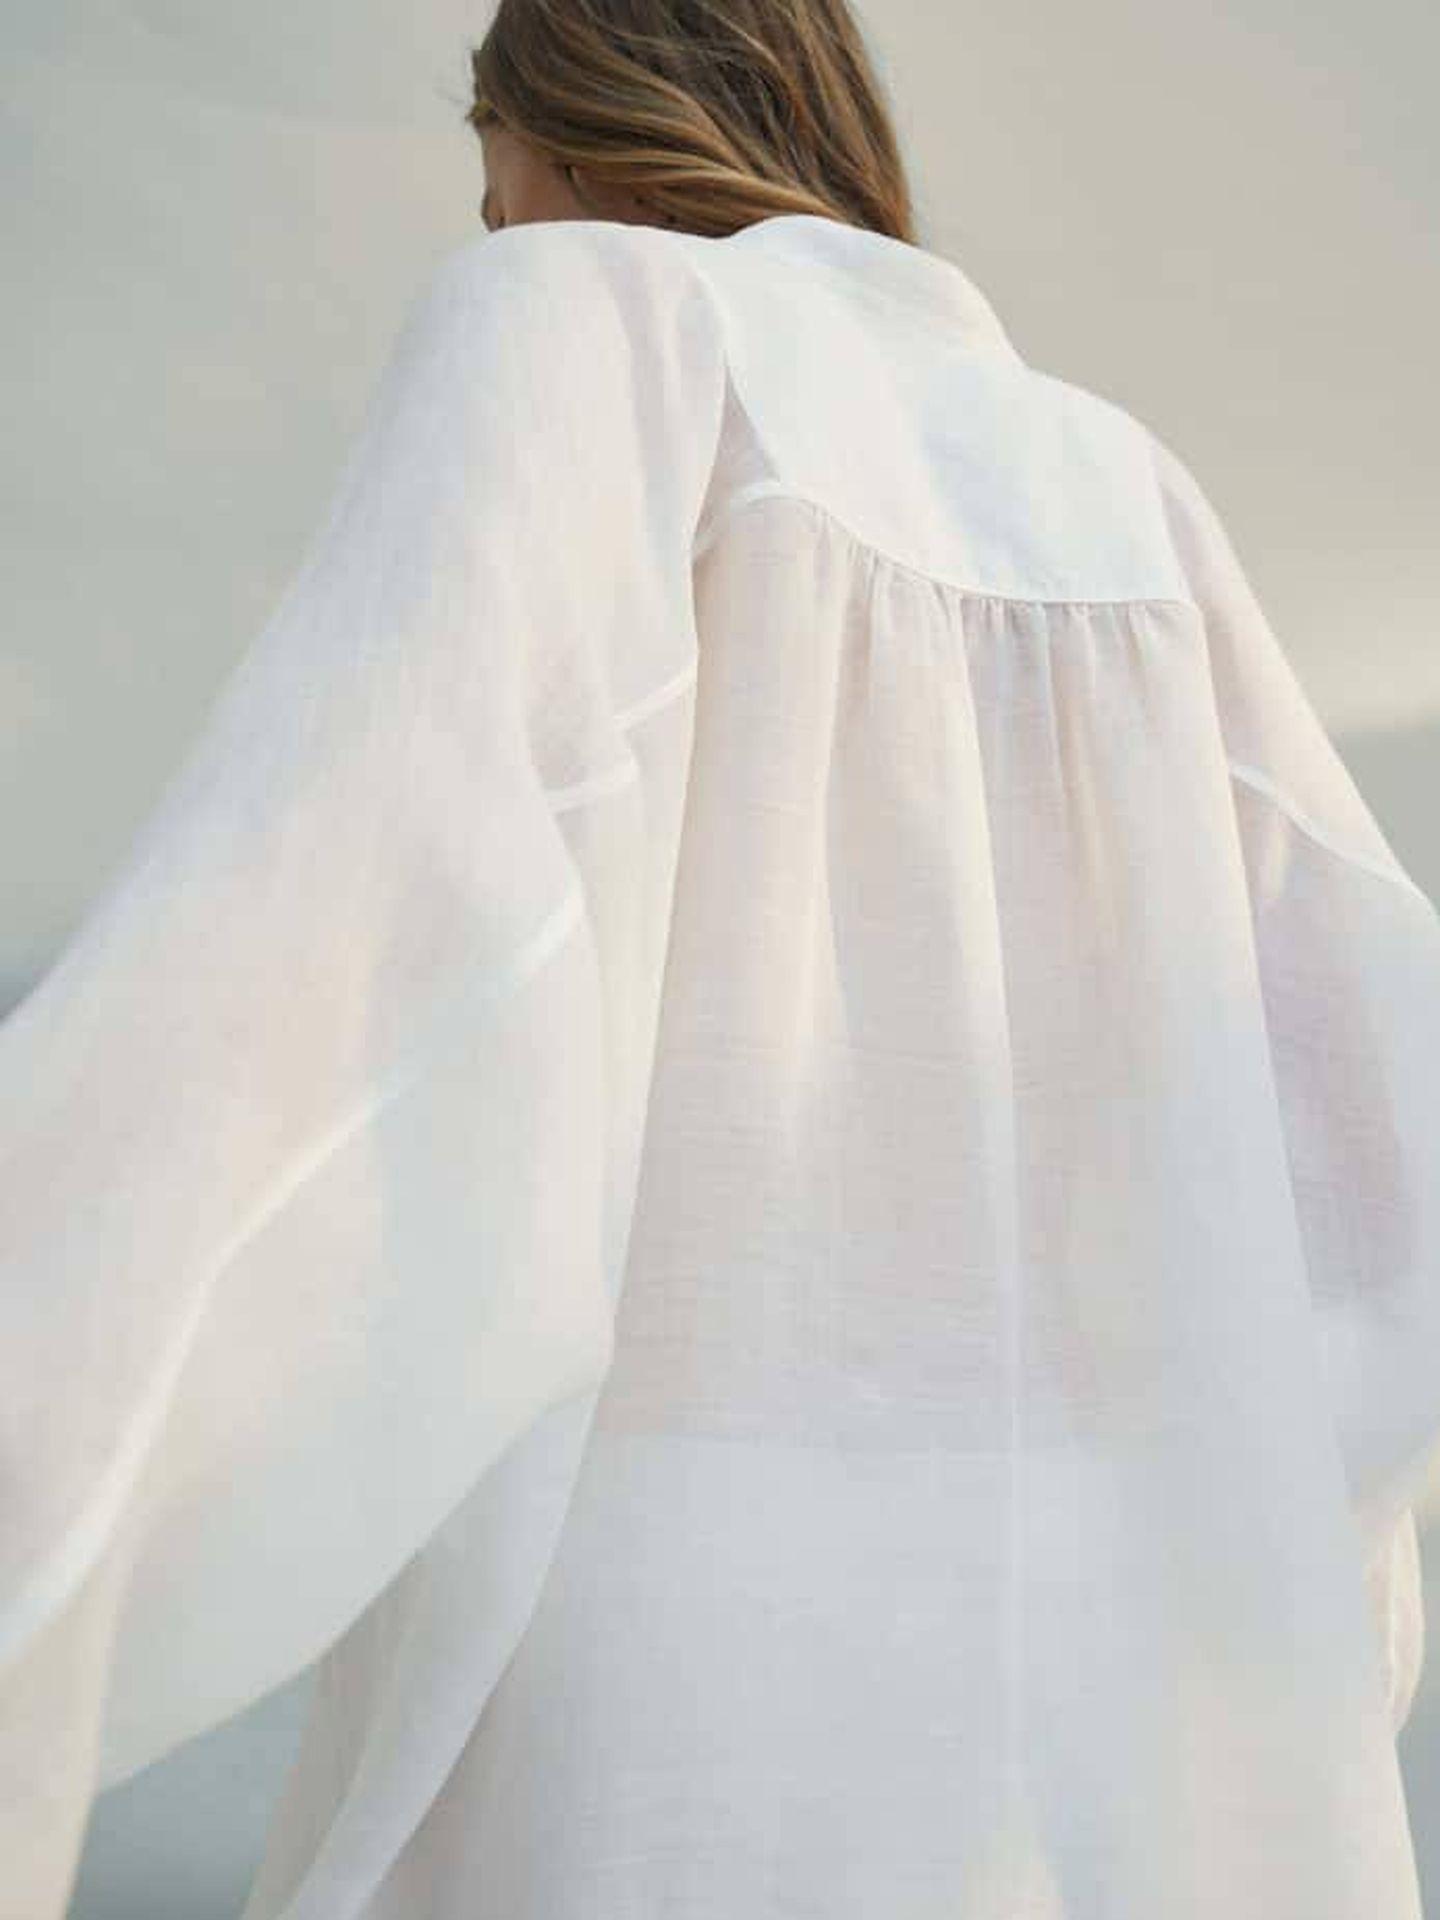 Camisa blanca de Massimo Dutti. (Cortesía)